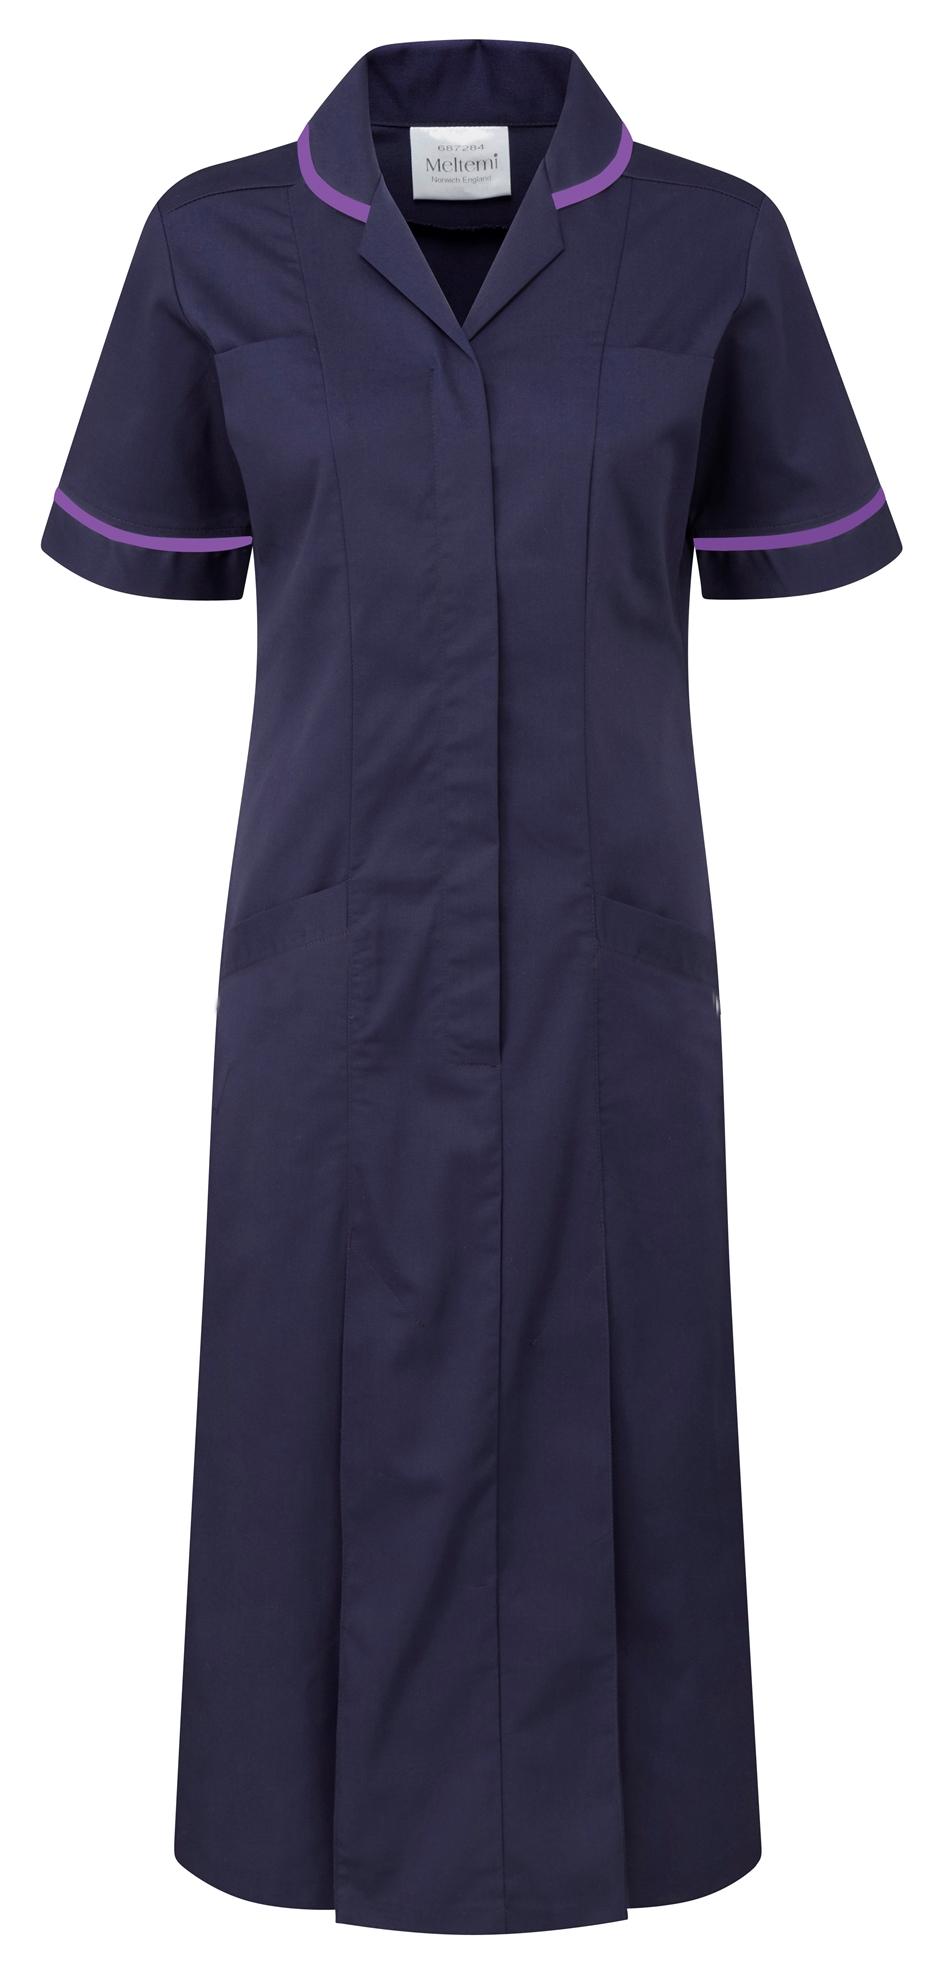 Picture of Plain Colour Dress - Navy/Purple